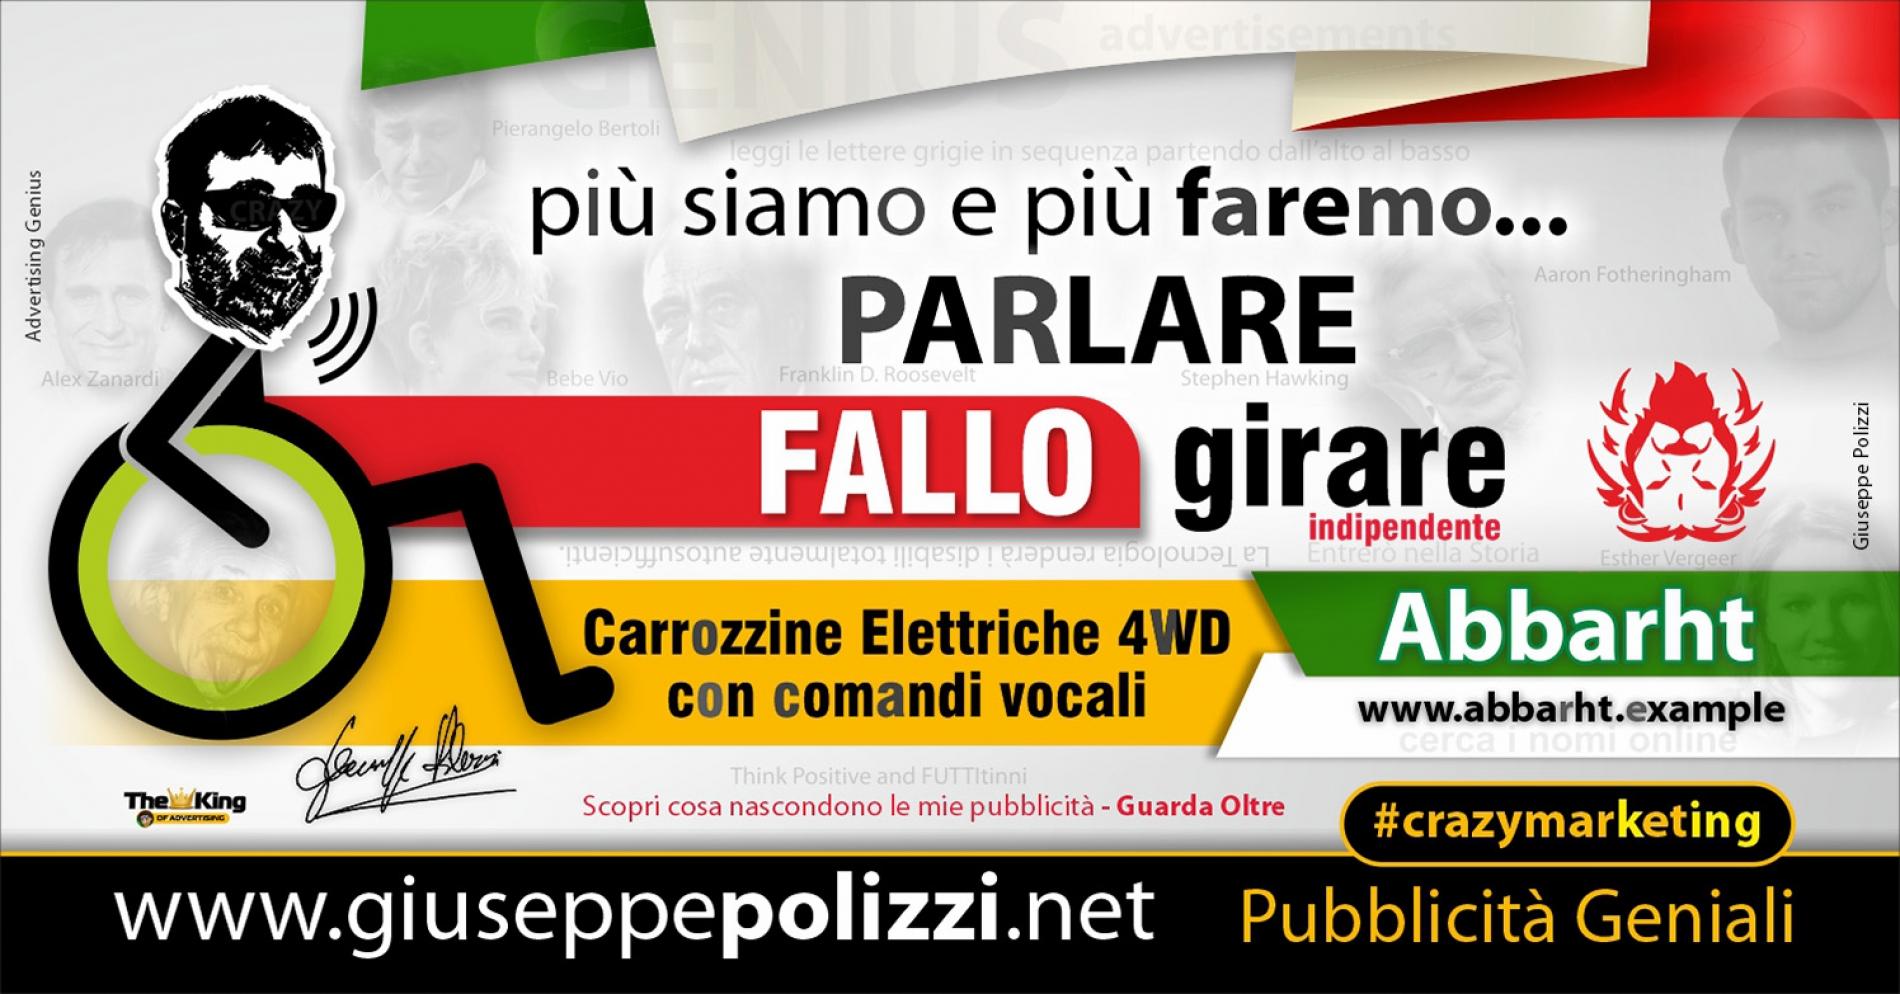 Giuseppe Polizzi Crazymarketing FALLO GIRARE pubblicità geniali